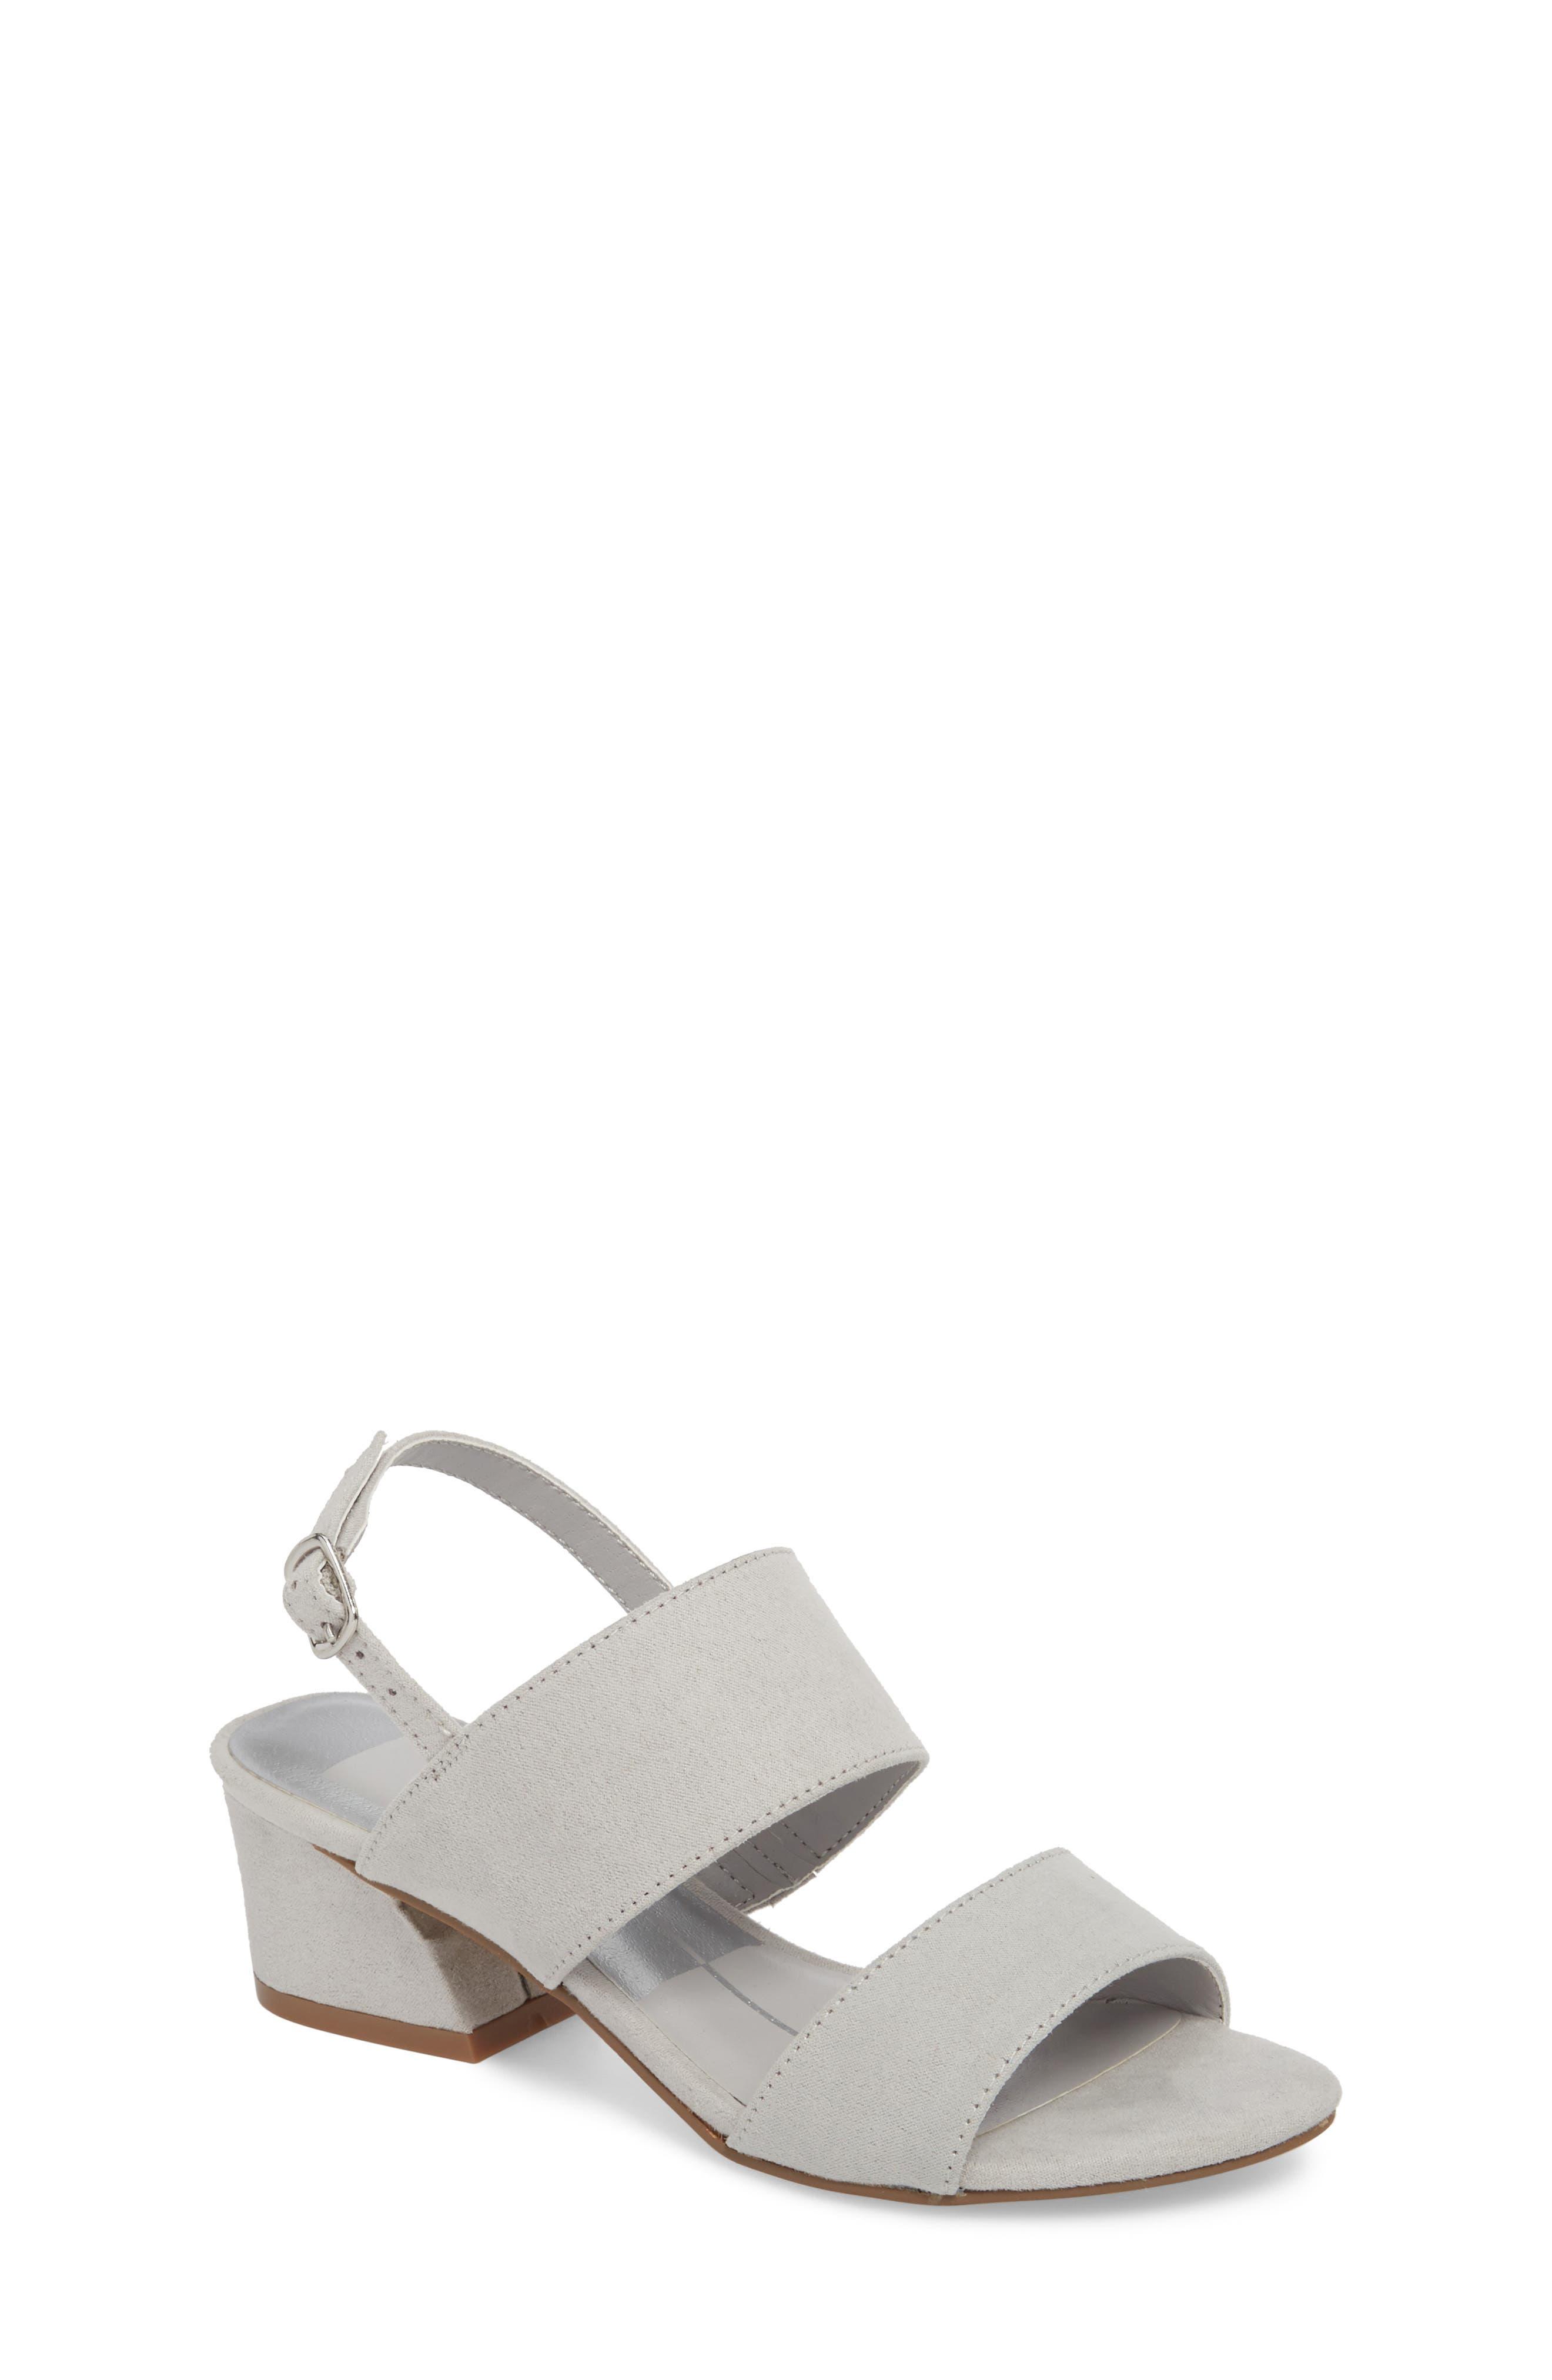 Lorne Flared Heel Sandal,                         Main,                         color, 025